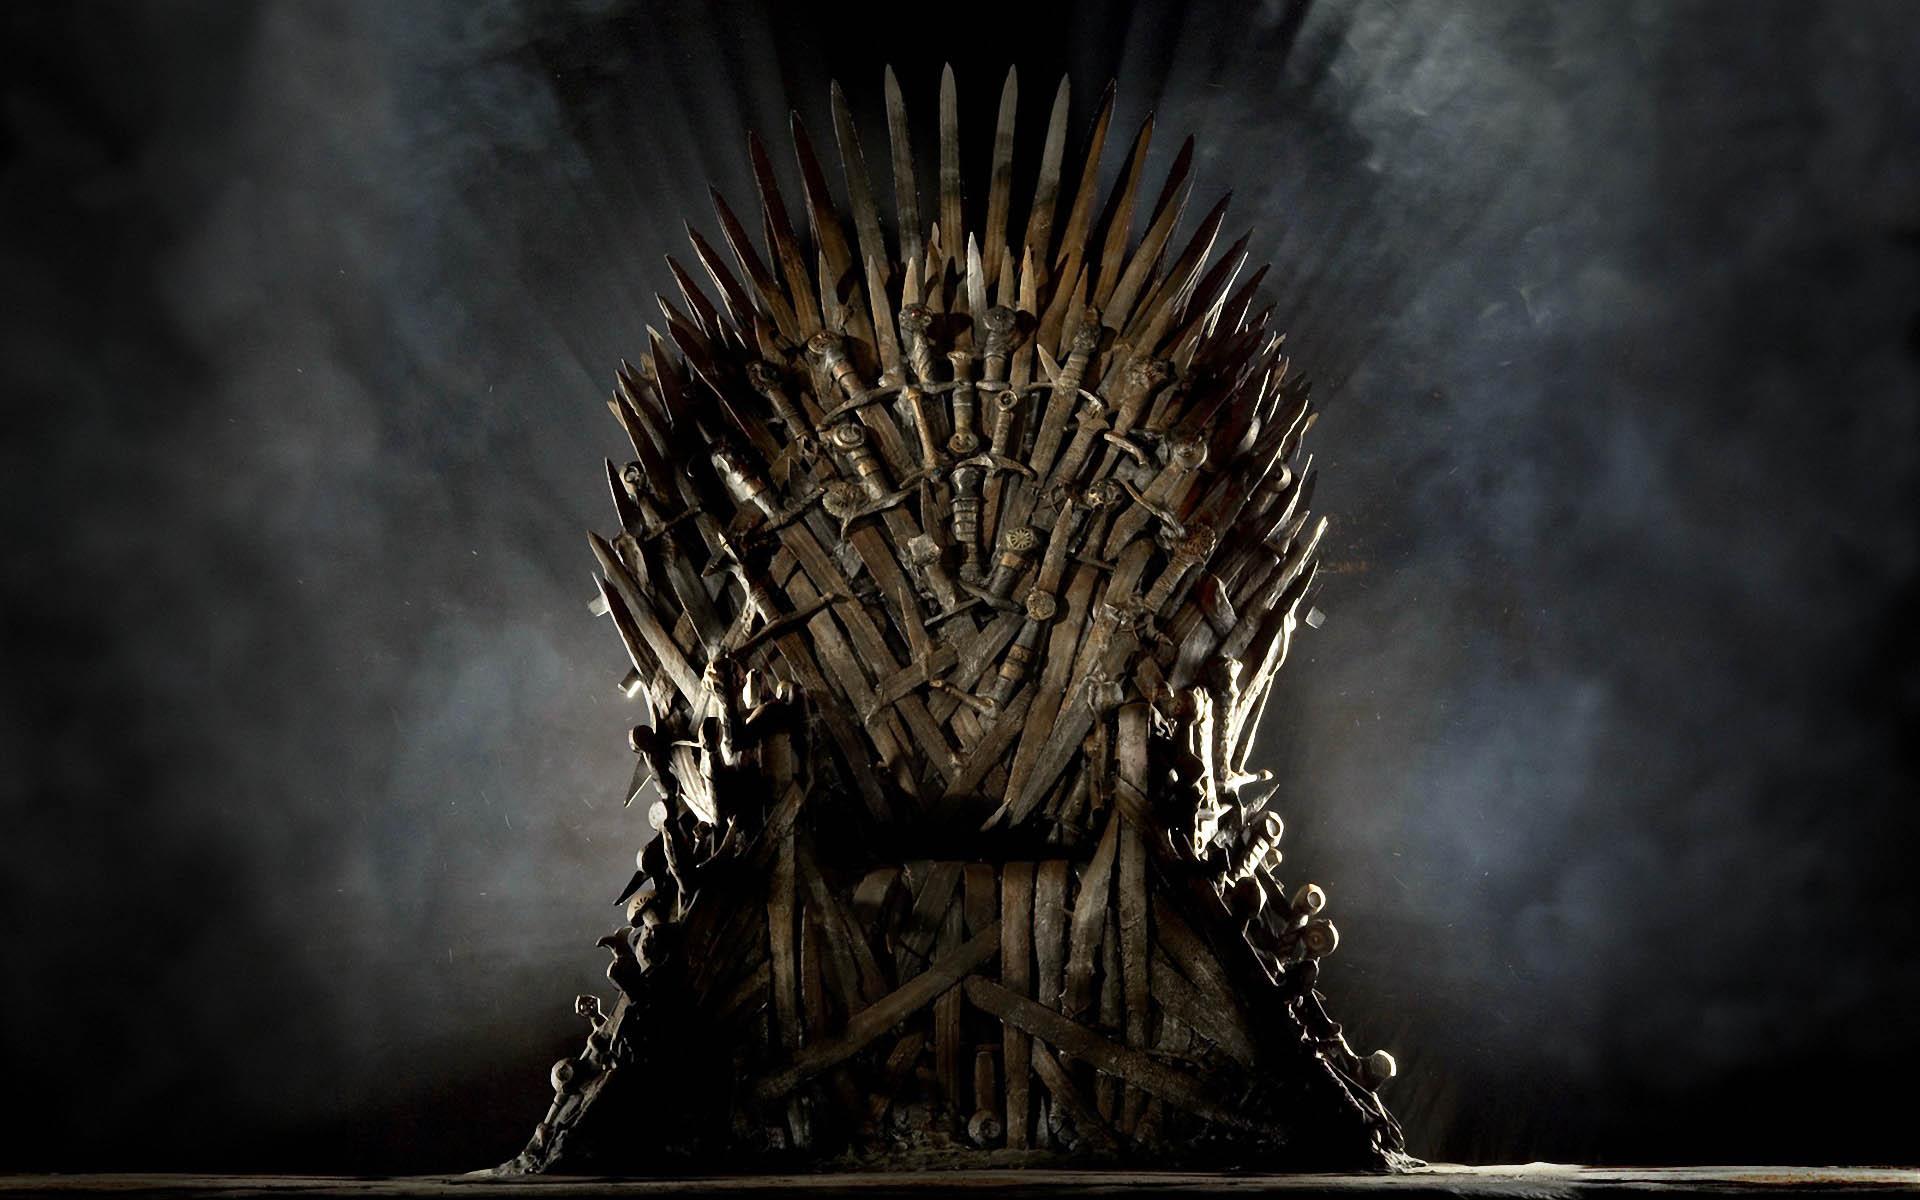 gra o tron sezon 5